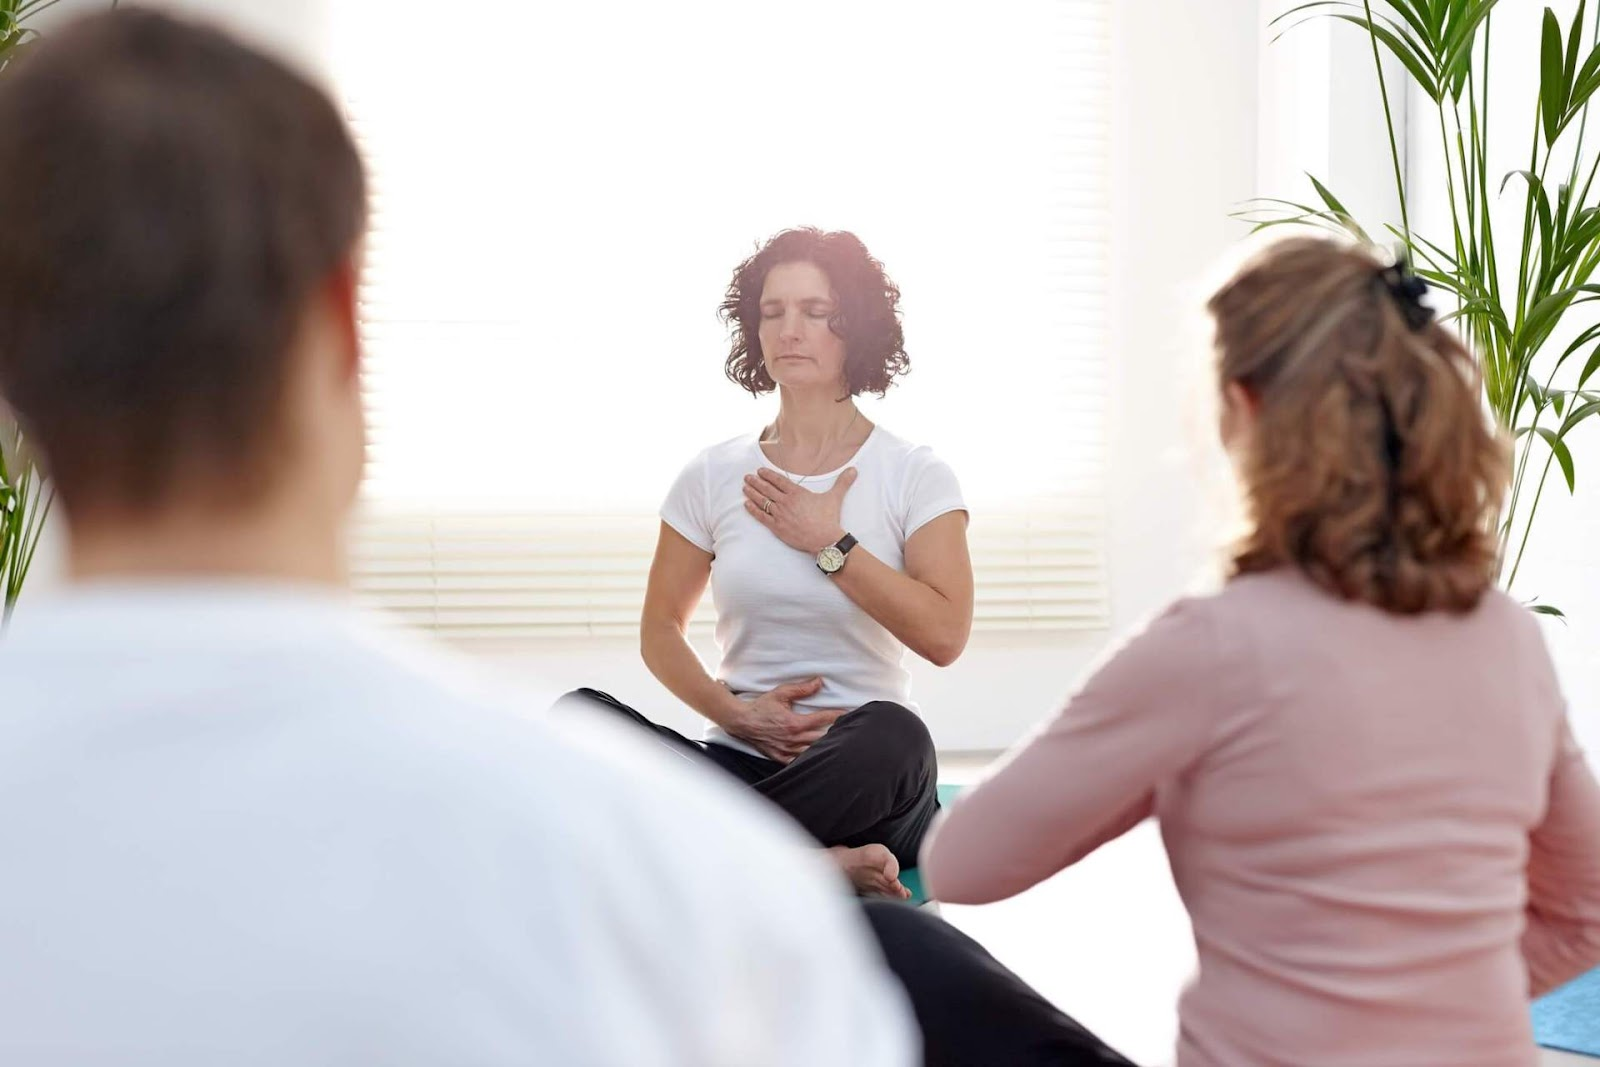 Os exercícios de respiração diafragmática ou conhecidos como Prayamas (Fonte: Incenso Fênix / Reprodução)